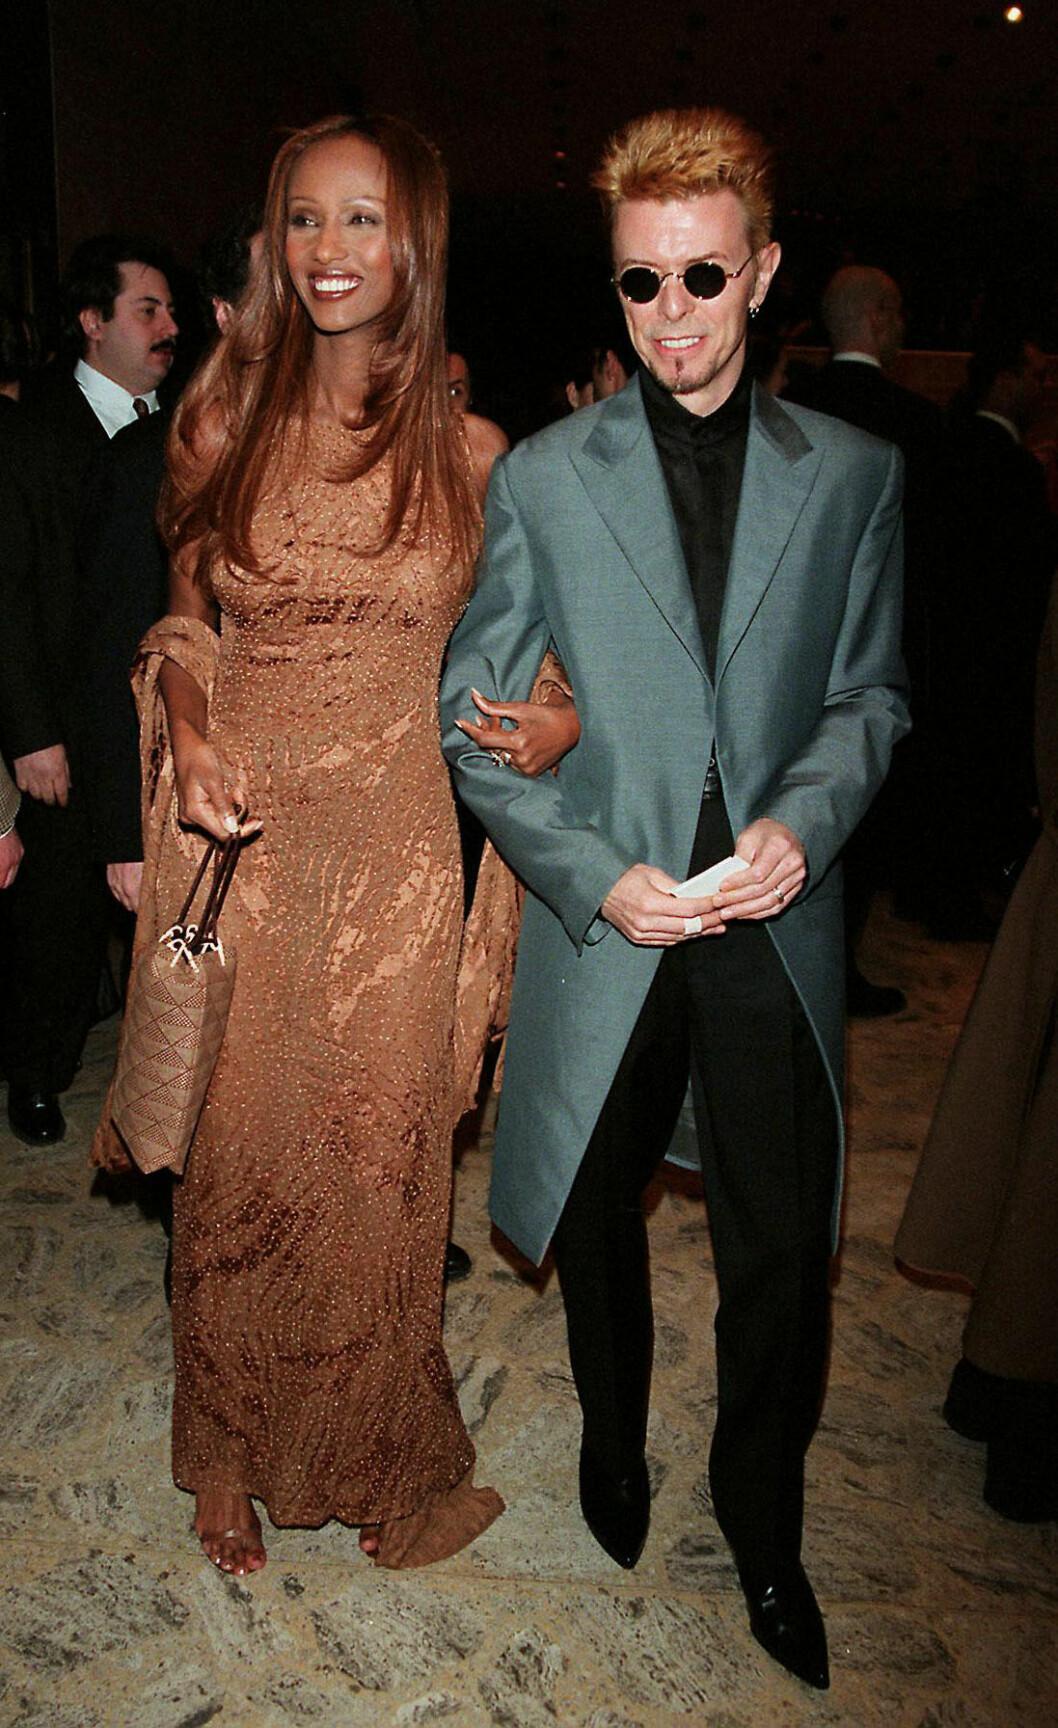 Paret David Bowie och Iman Abdulmajids oförglömliga 90-tals stil